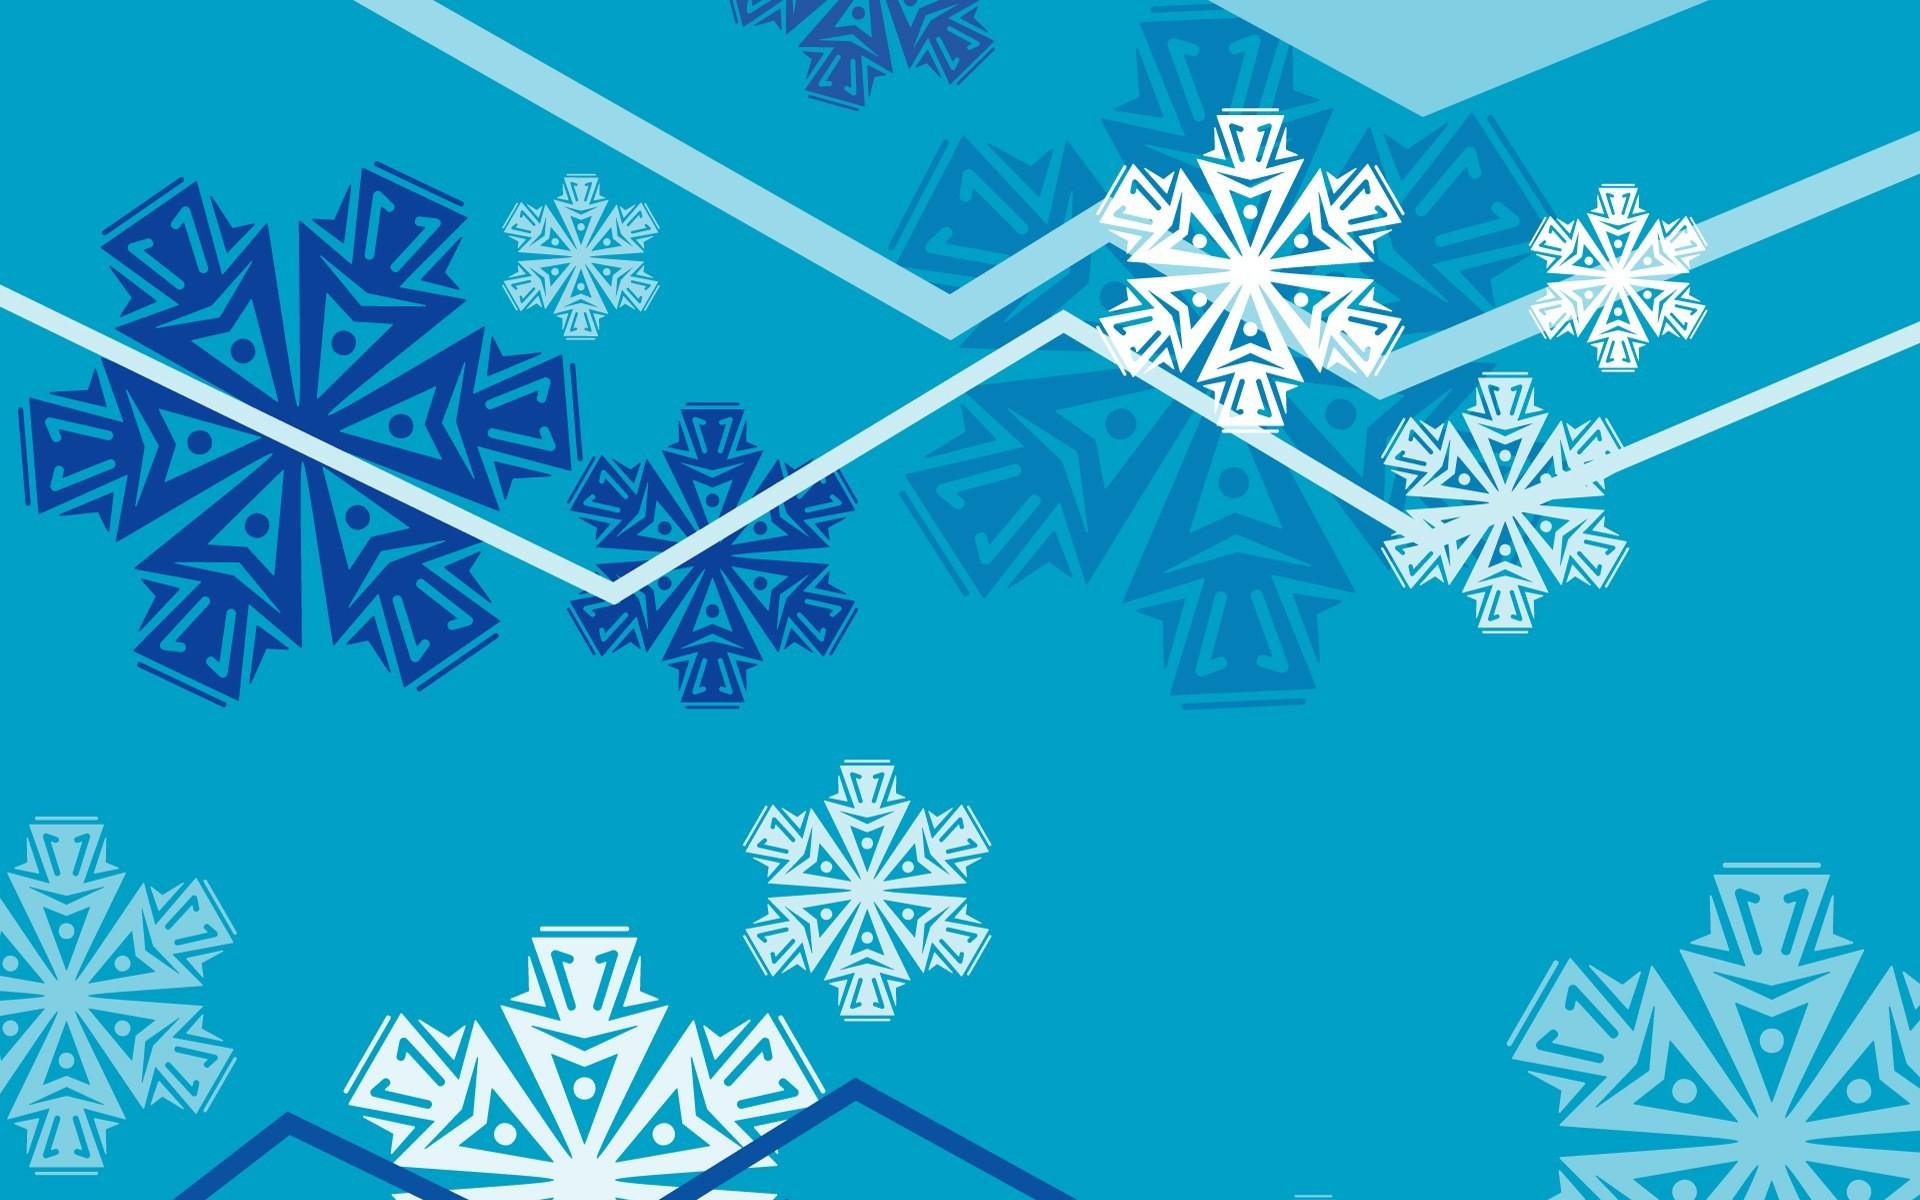 Best 10+ Free winter wallpaper ideas on Pinterest   Snowman wallpaper,  Christmas wallpaper free and Winter wallpapers